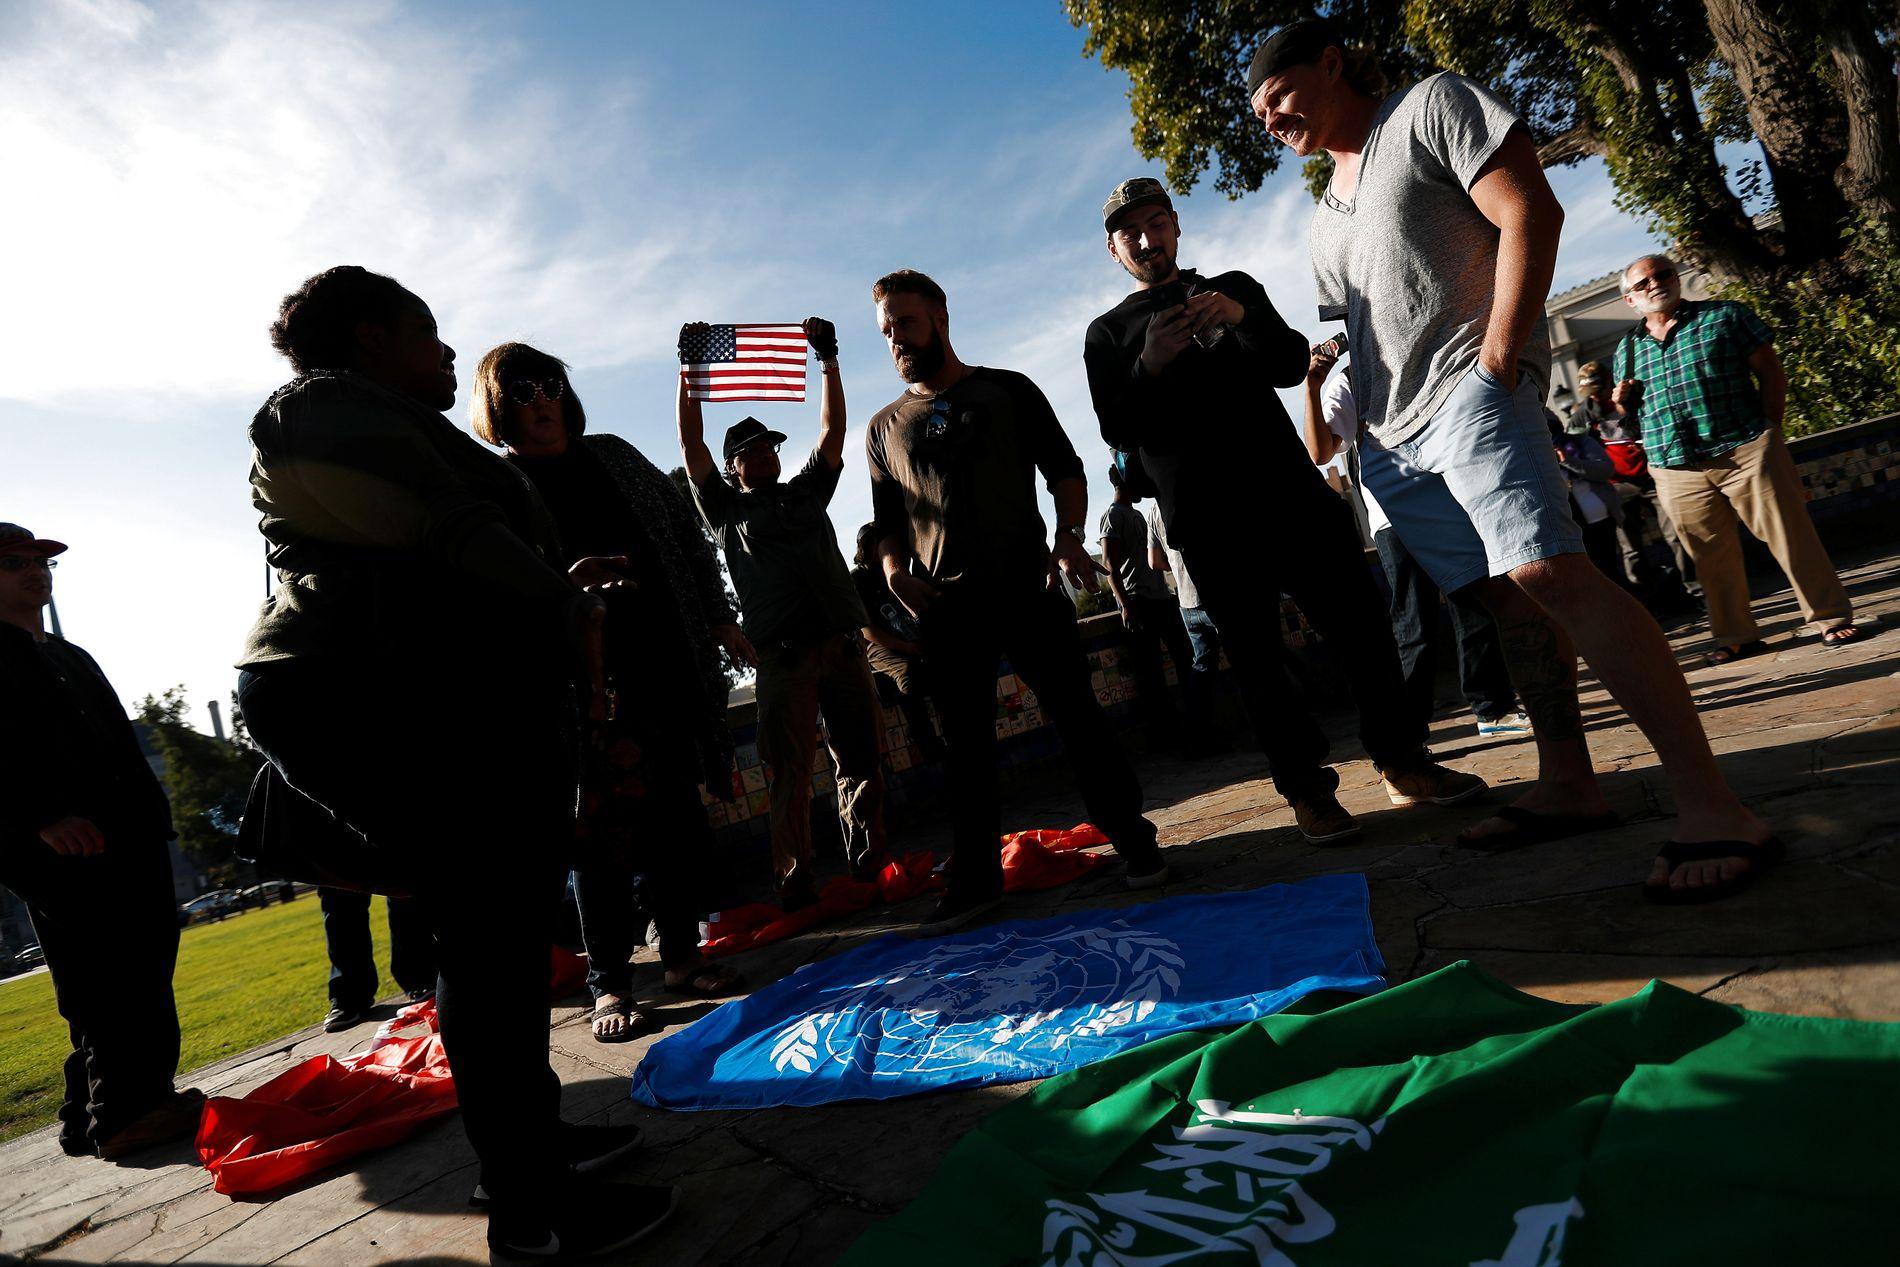 PROTESTBØLGE: – Demonstranter samlet seg i Martin Luther King Jr. Civic Center Park etter at alt.right-provokatøren Milo Yiannopoulos fikk snakke ved Berkeley-universitetet i California i september.